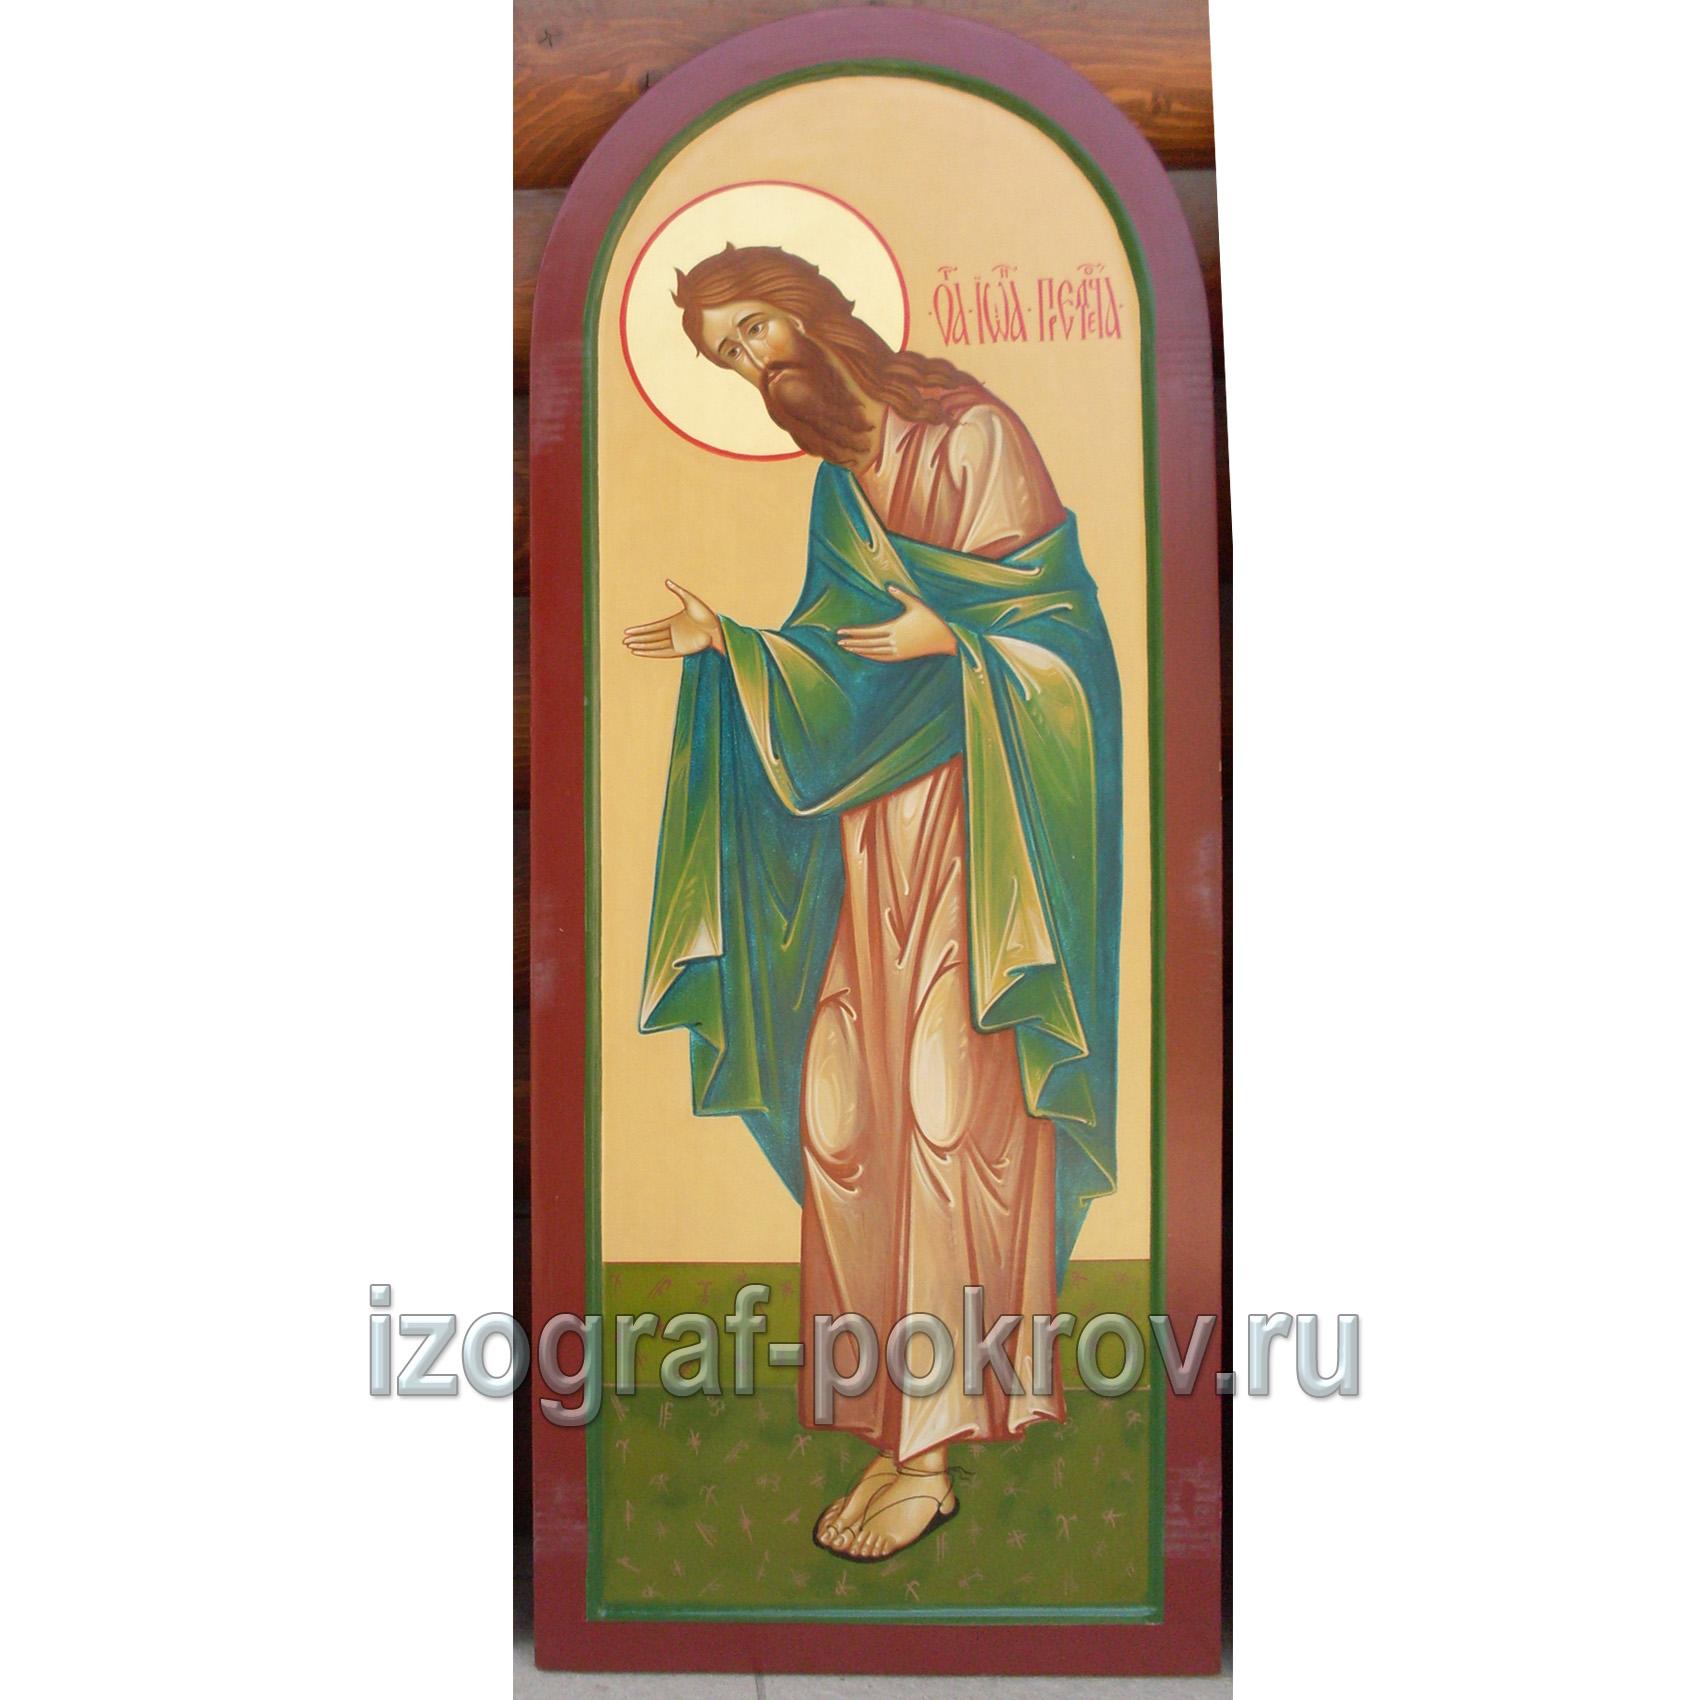 Икона в иконостас Иоанн Предтеча